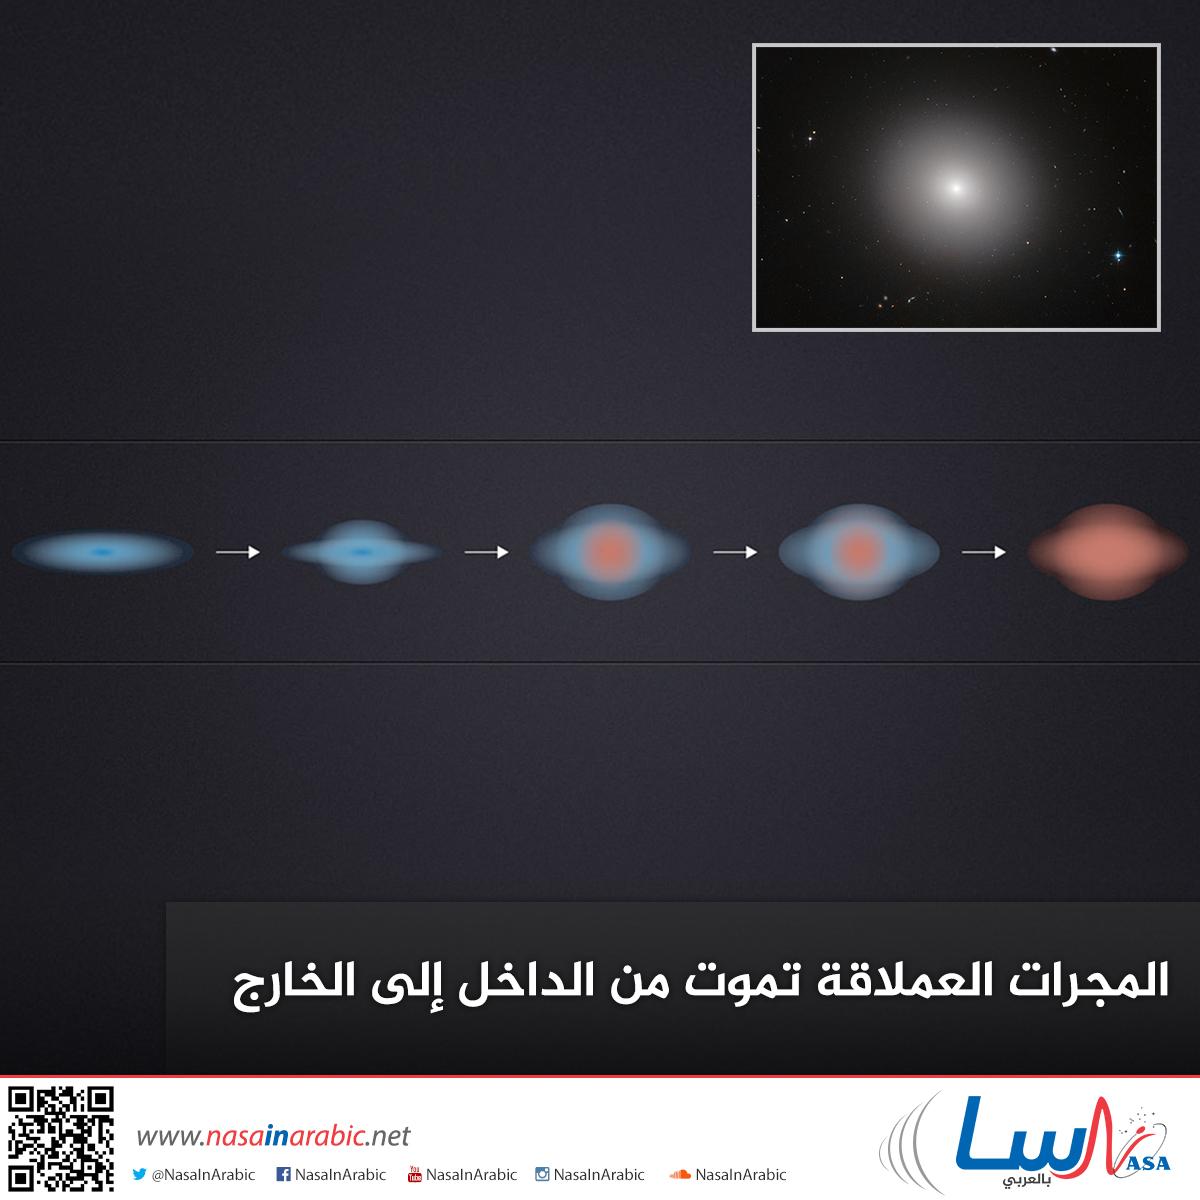 المجرات العملاقة تموت من الداخل إلى الخارج